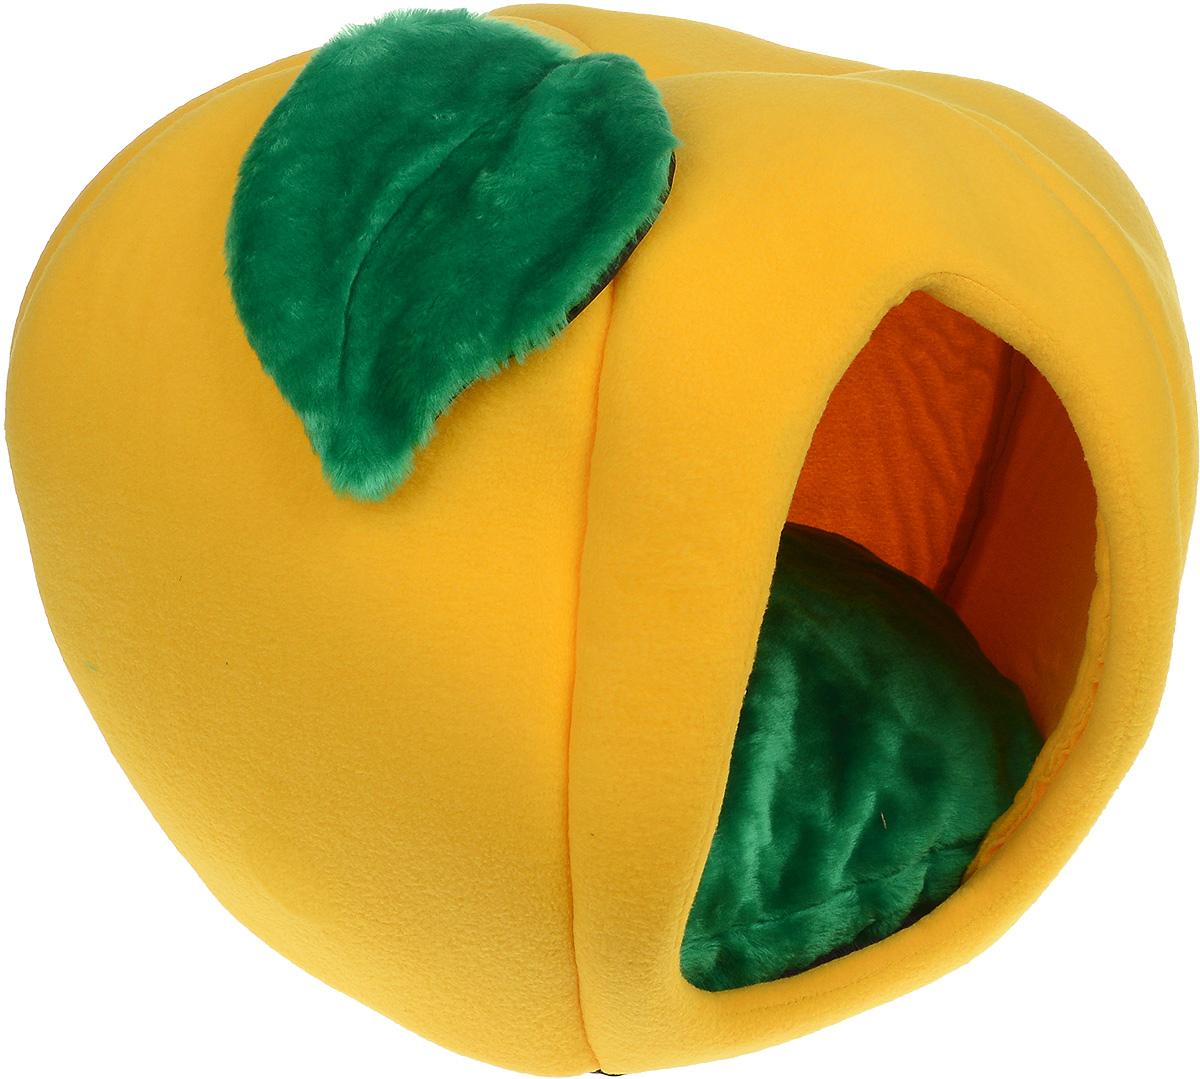 Домик для животных Зооник Тыква, с подушкой, цвет: желтый, зеленый, 50 х 50 х 40 см домик perseiline кошка для кошек 38 40 40 см 00025 дмс 4